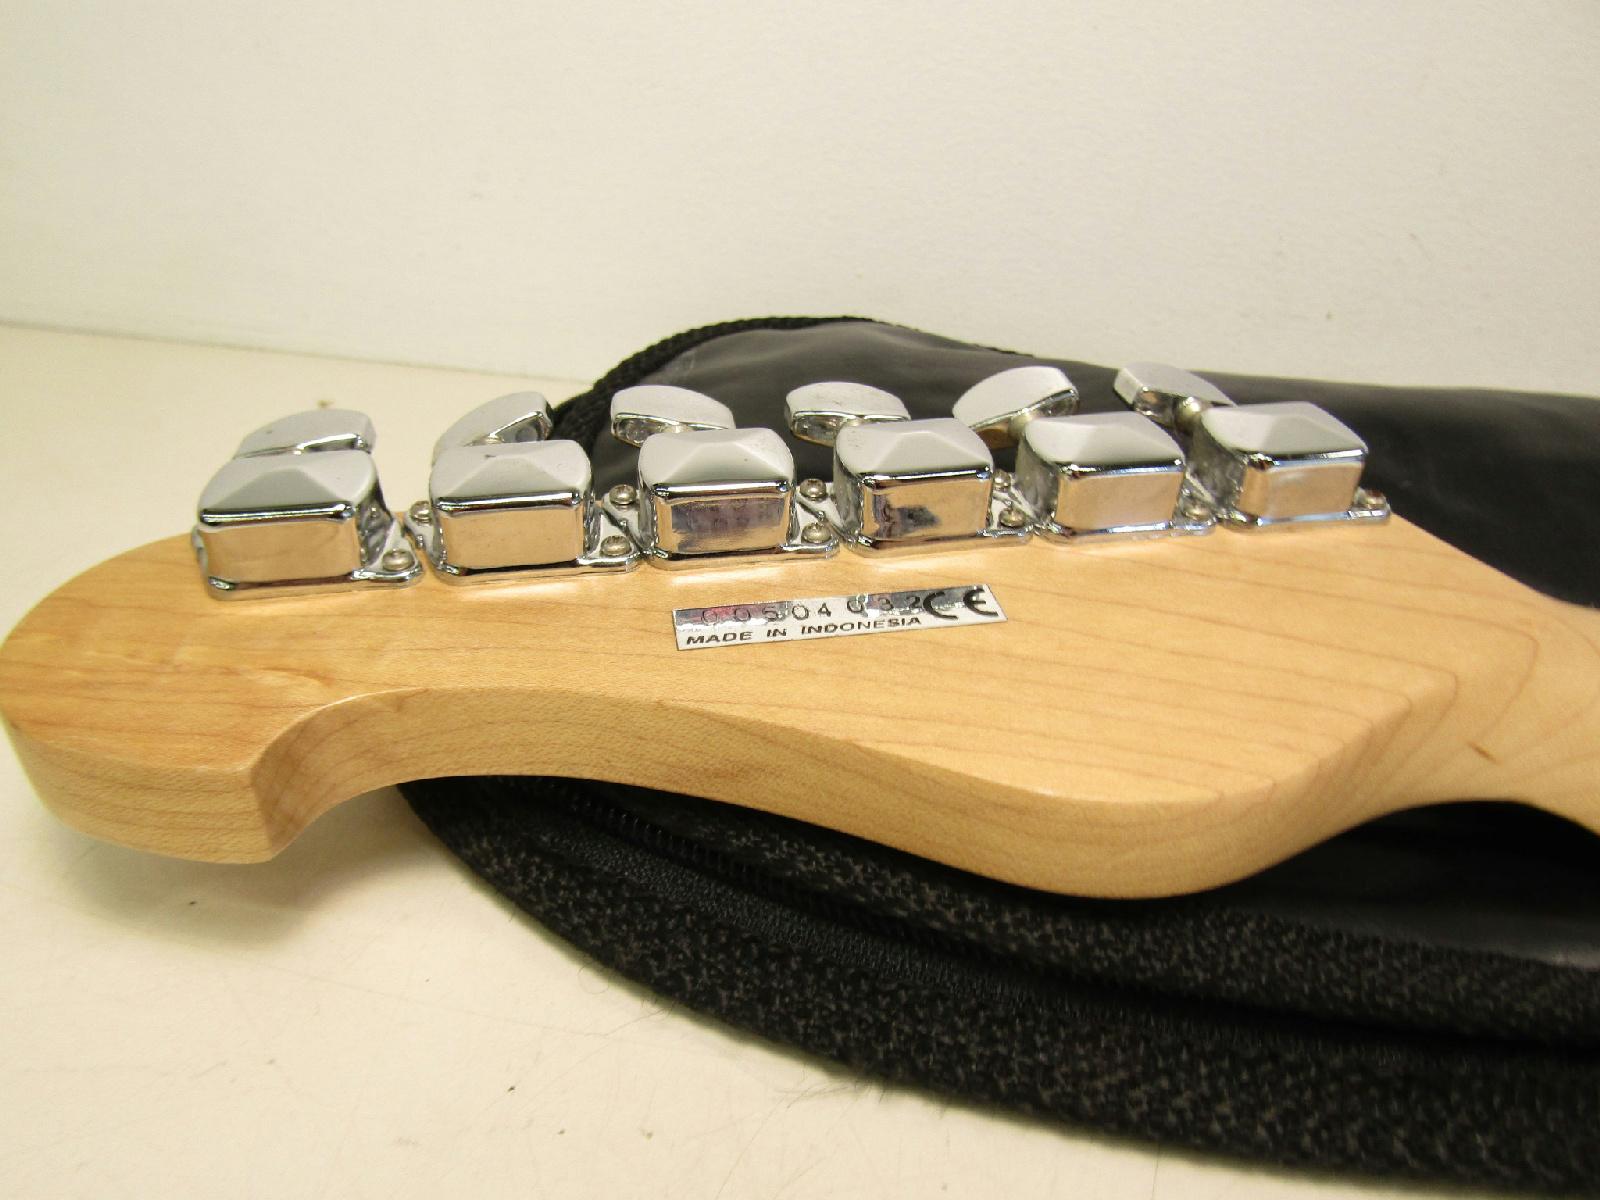 yamaha eg 112 electric guitar 6 string musical instrument. Black Bedroom Furniture Sets. Home Design Ideas